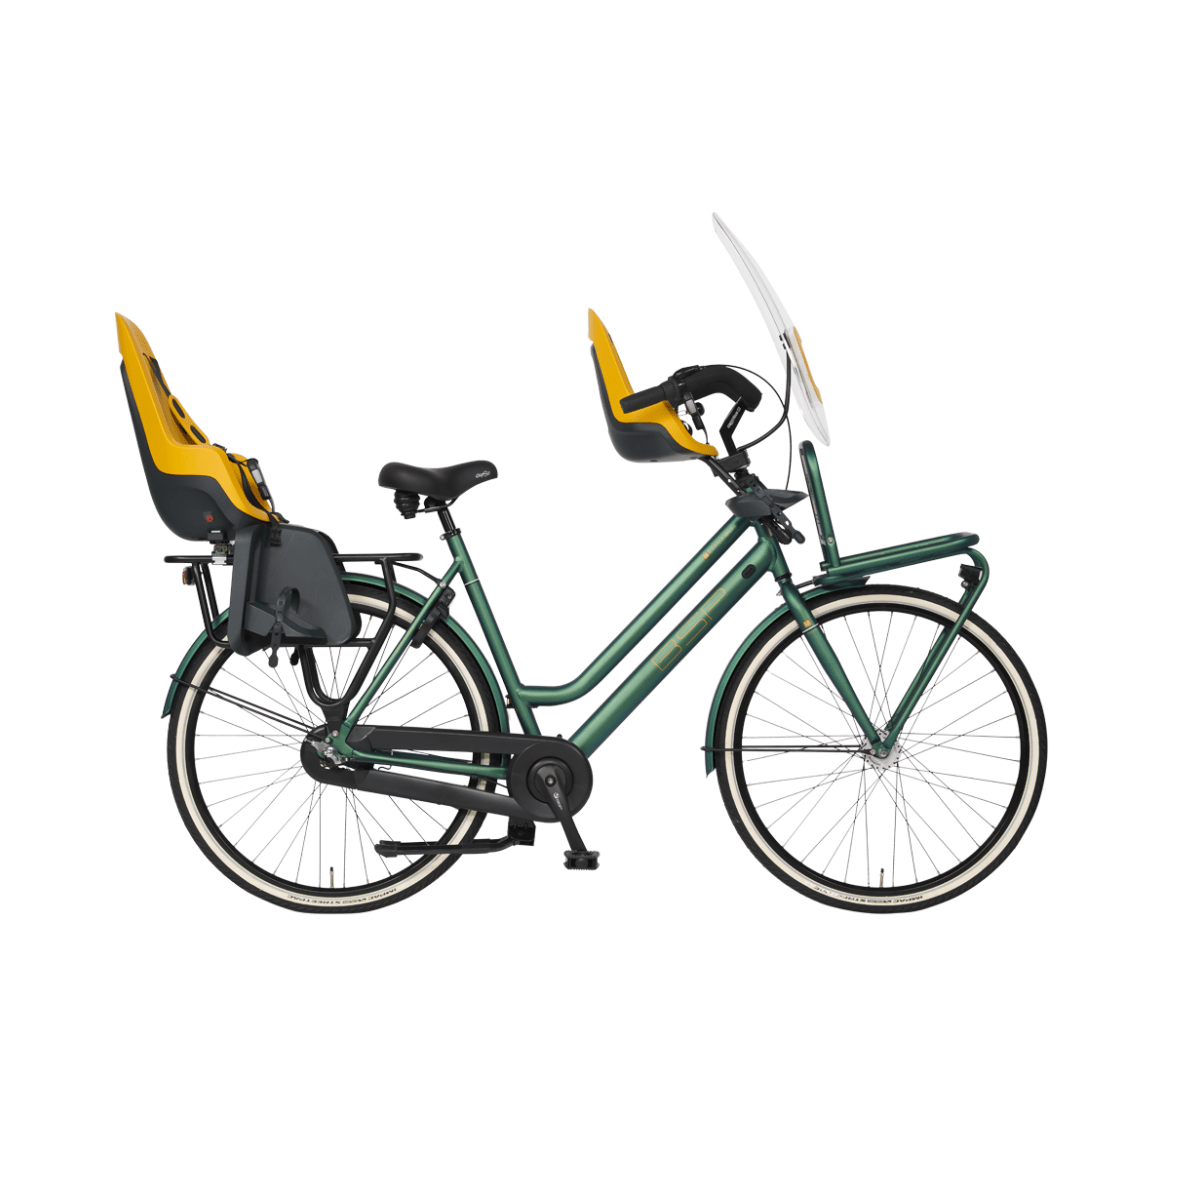 2021_product_bsp_fietsen0918_z1200x900 (2)-min